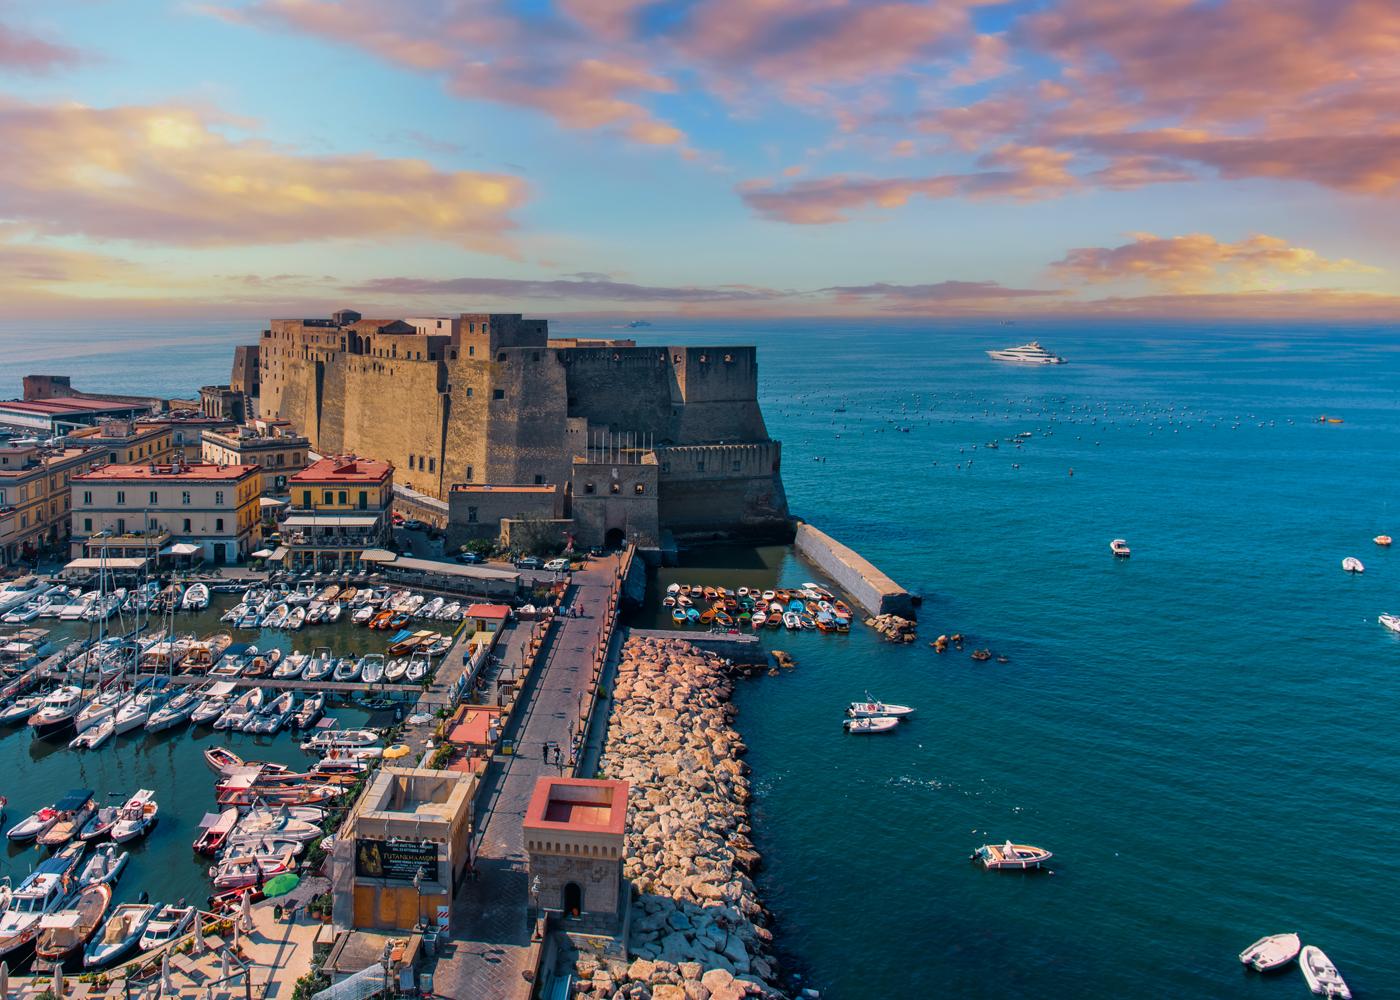 Hotel panoramico a Napoli con vista su Castel dell'Ovo.